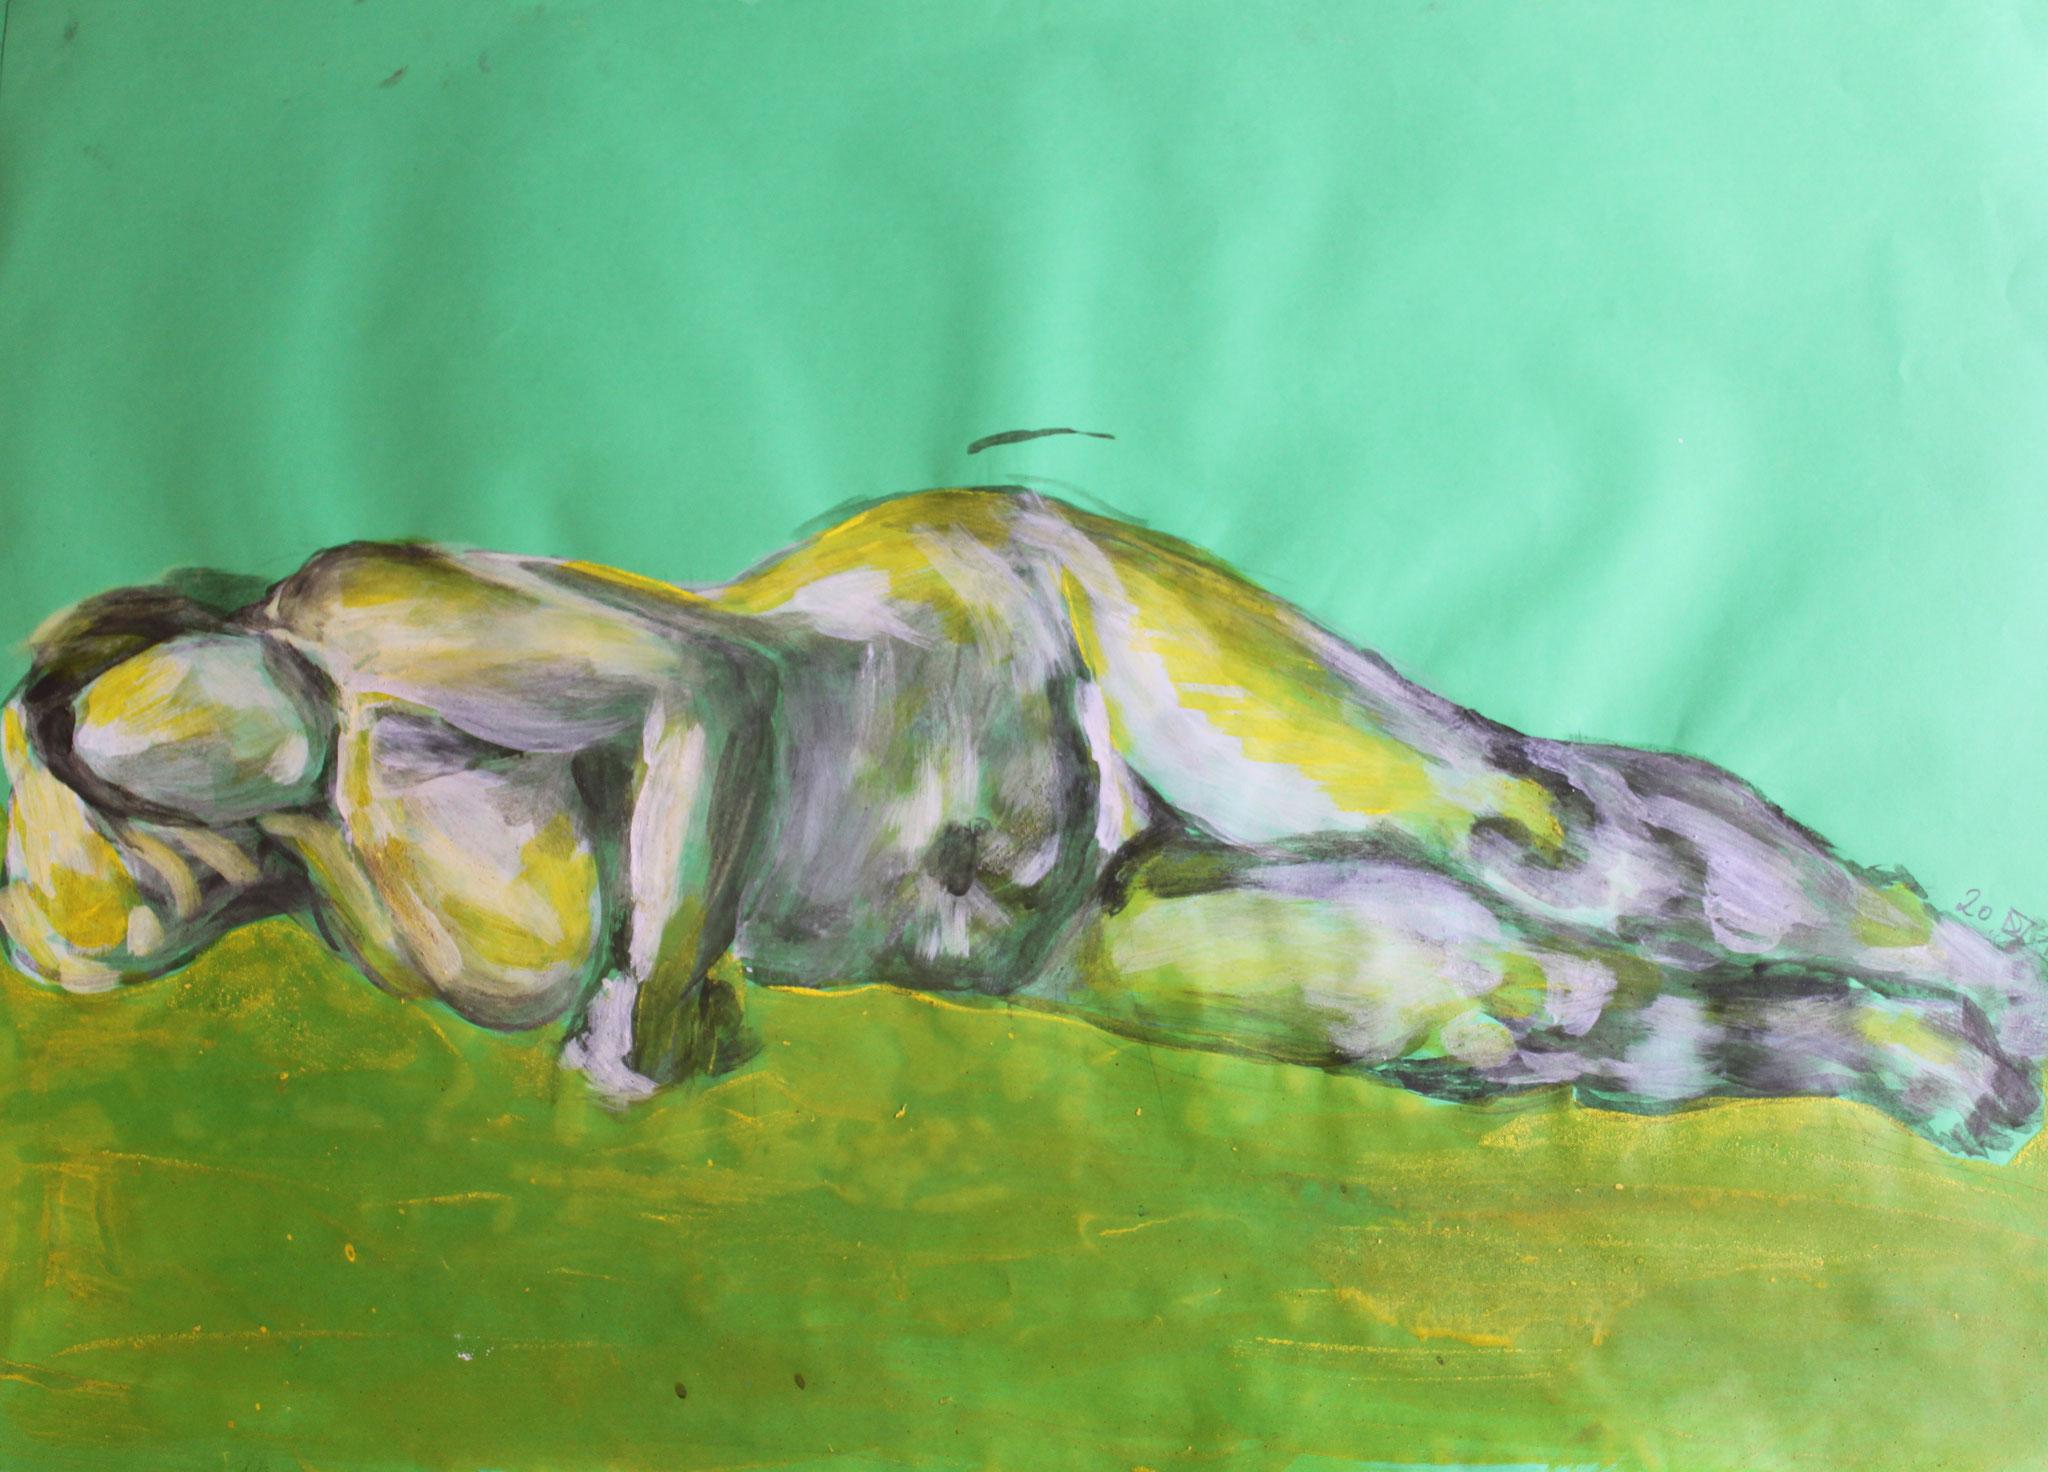 Grüne Frau liegend, Tempera und Kohle auf Papier, 2018, 50 cm x 69,5 cm